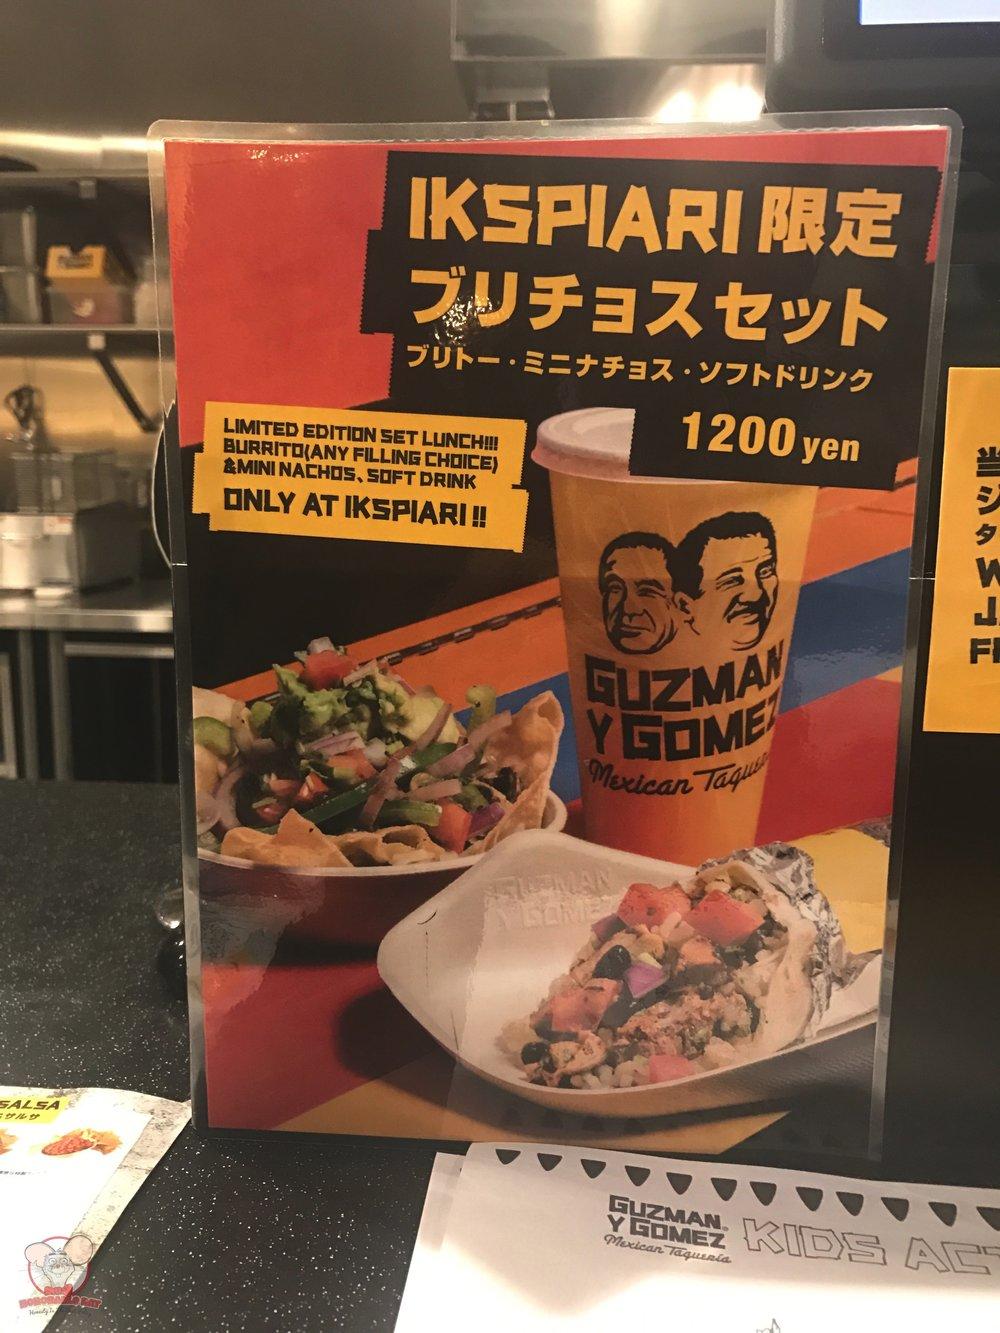 Ikspiari Set (1,200 yen)